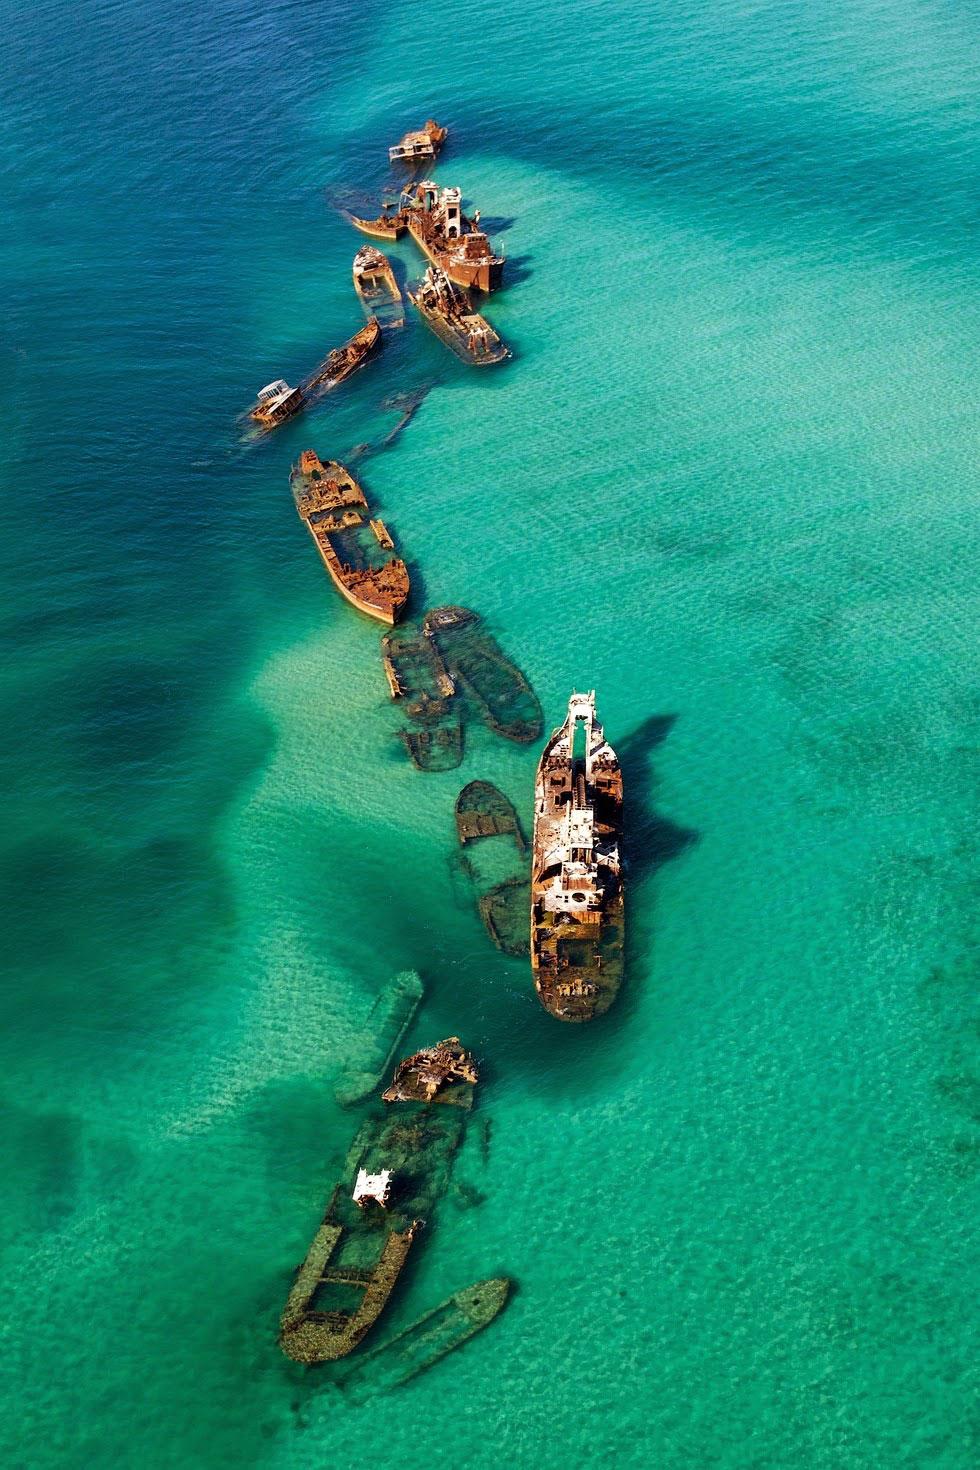 1 dải cát của tam giác biển Bermuda có tới 16 chiếc tàu đắm.